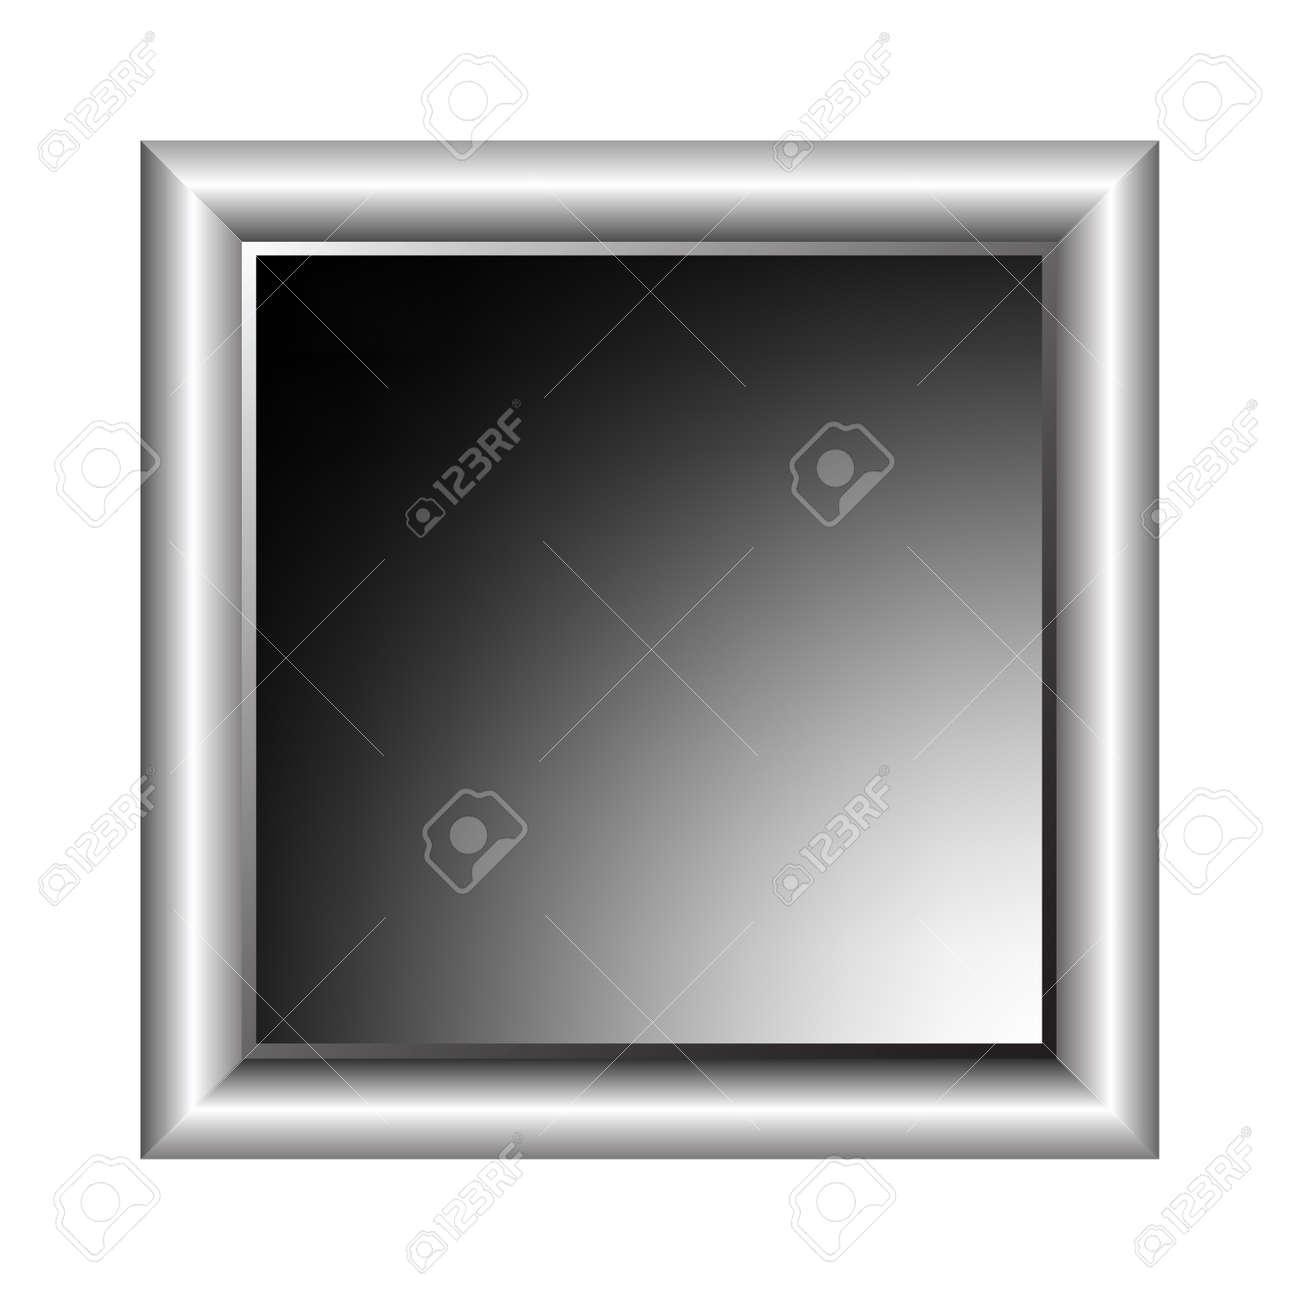 Marco De Foto De Aluminio, Ilustración De Arte Vectorial; Marcos De ...